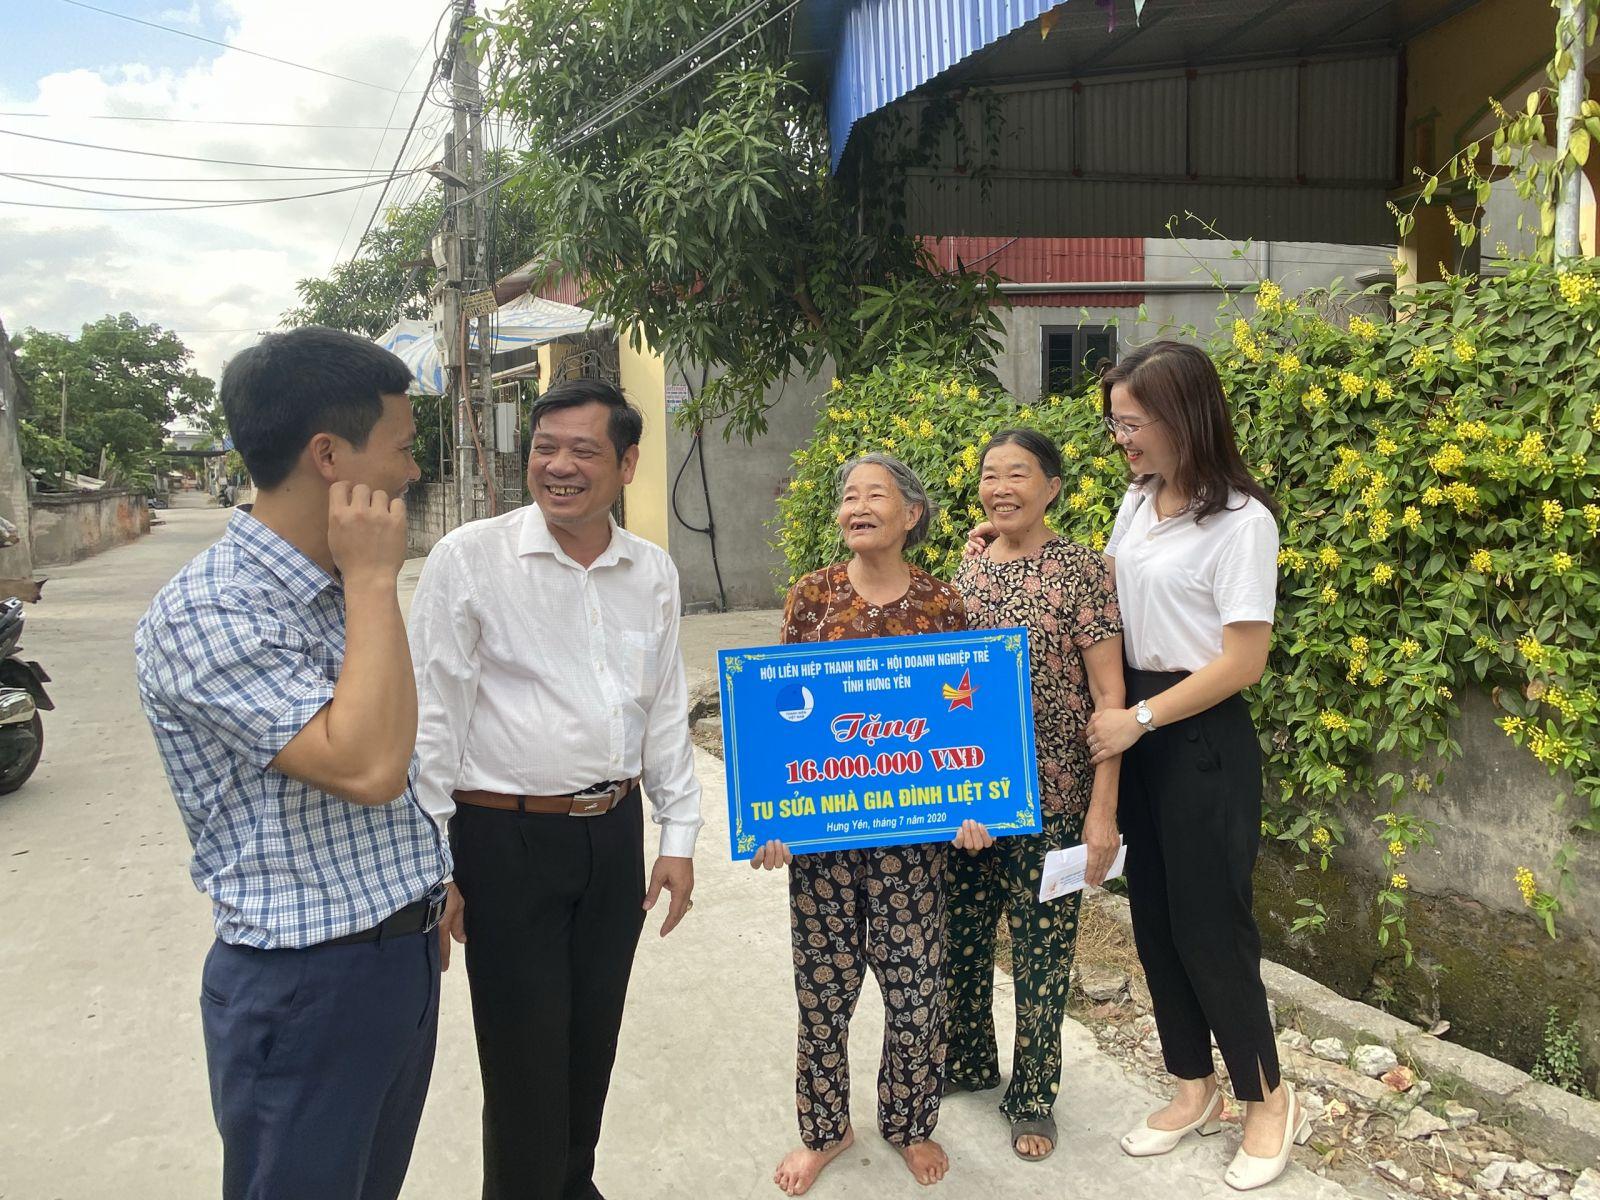 Ủy ban Hội LHTN, Hội Doanh Nghiệp trẻ tỉnh Hưng Yên thăm và tặng quà gia đình mẹ liệt sỹ nhân kỷ niệm 73 năm ngày Thương binh - Liệt sỹ 27/07/2020.